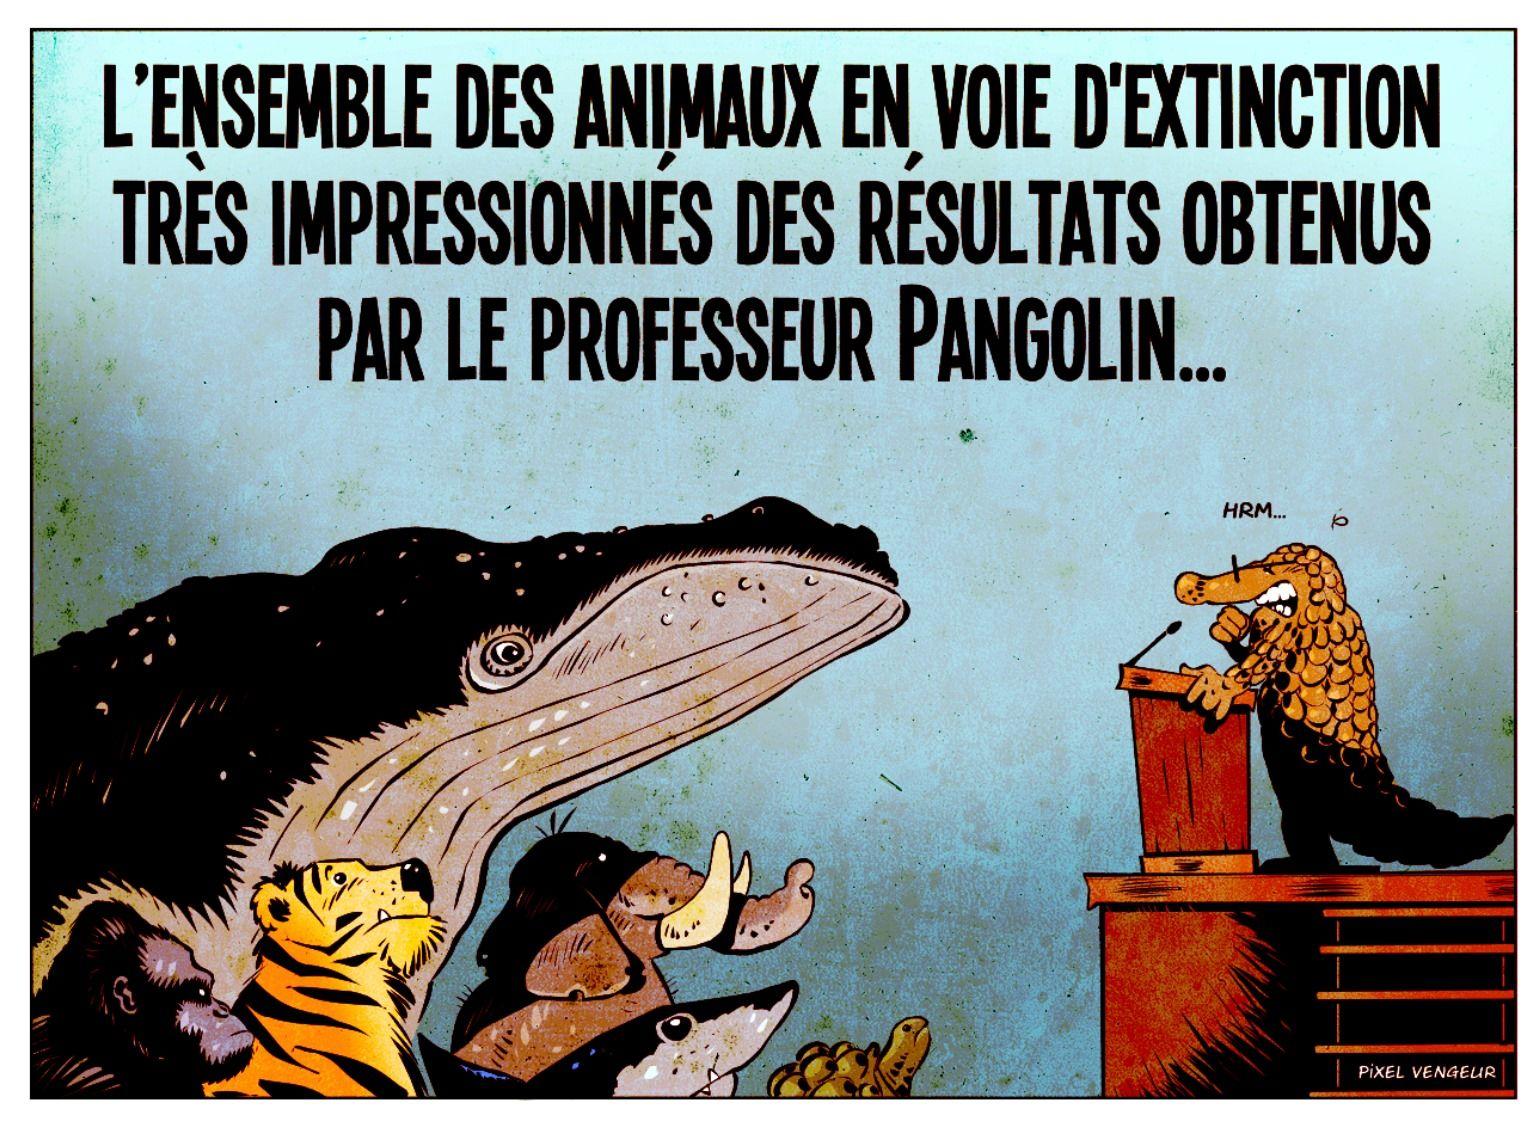 Le professeur Pangolin a frappé en 2020 | Meilleur blague, Blague, Humour